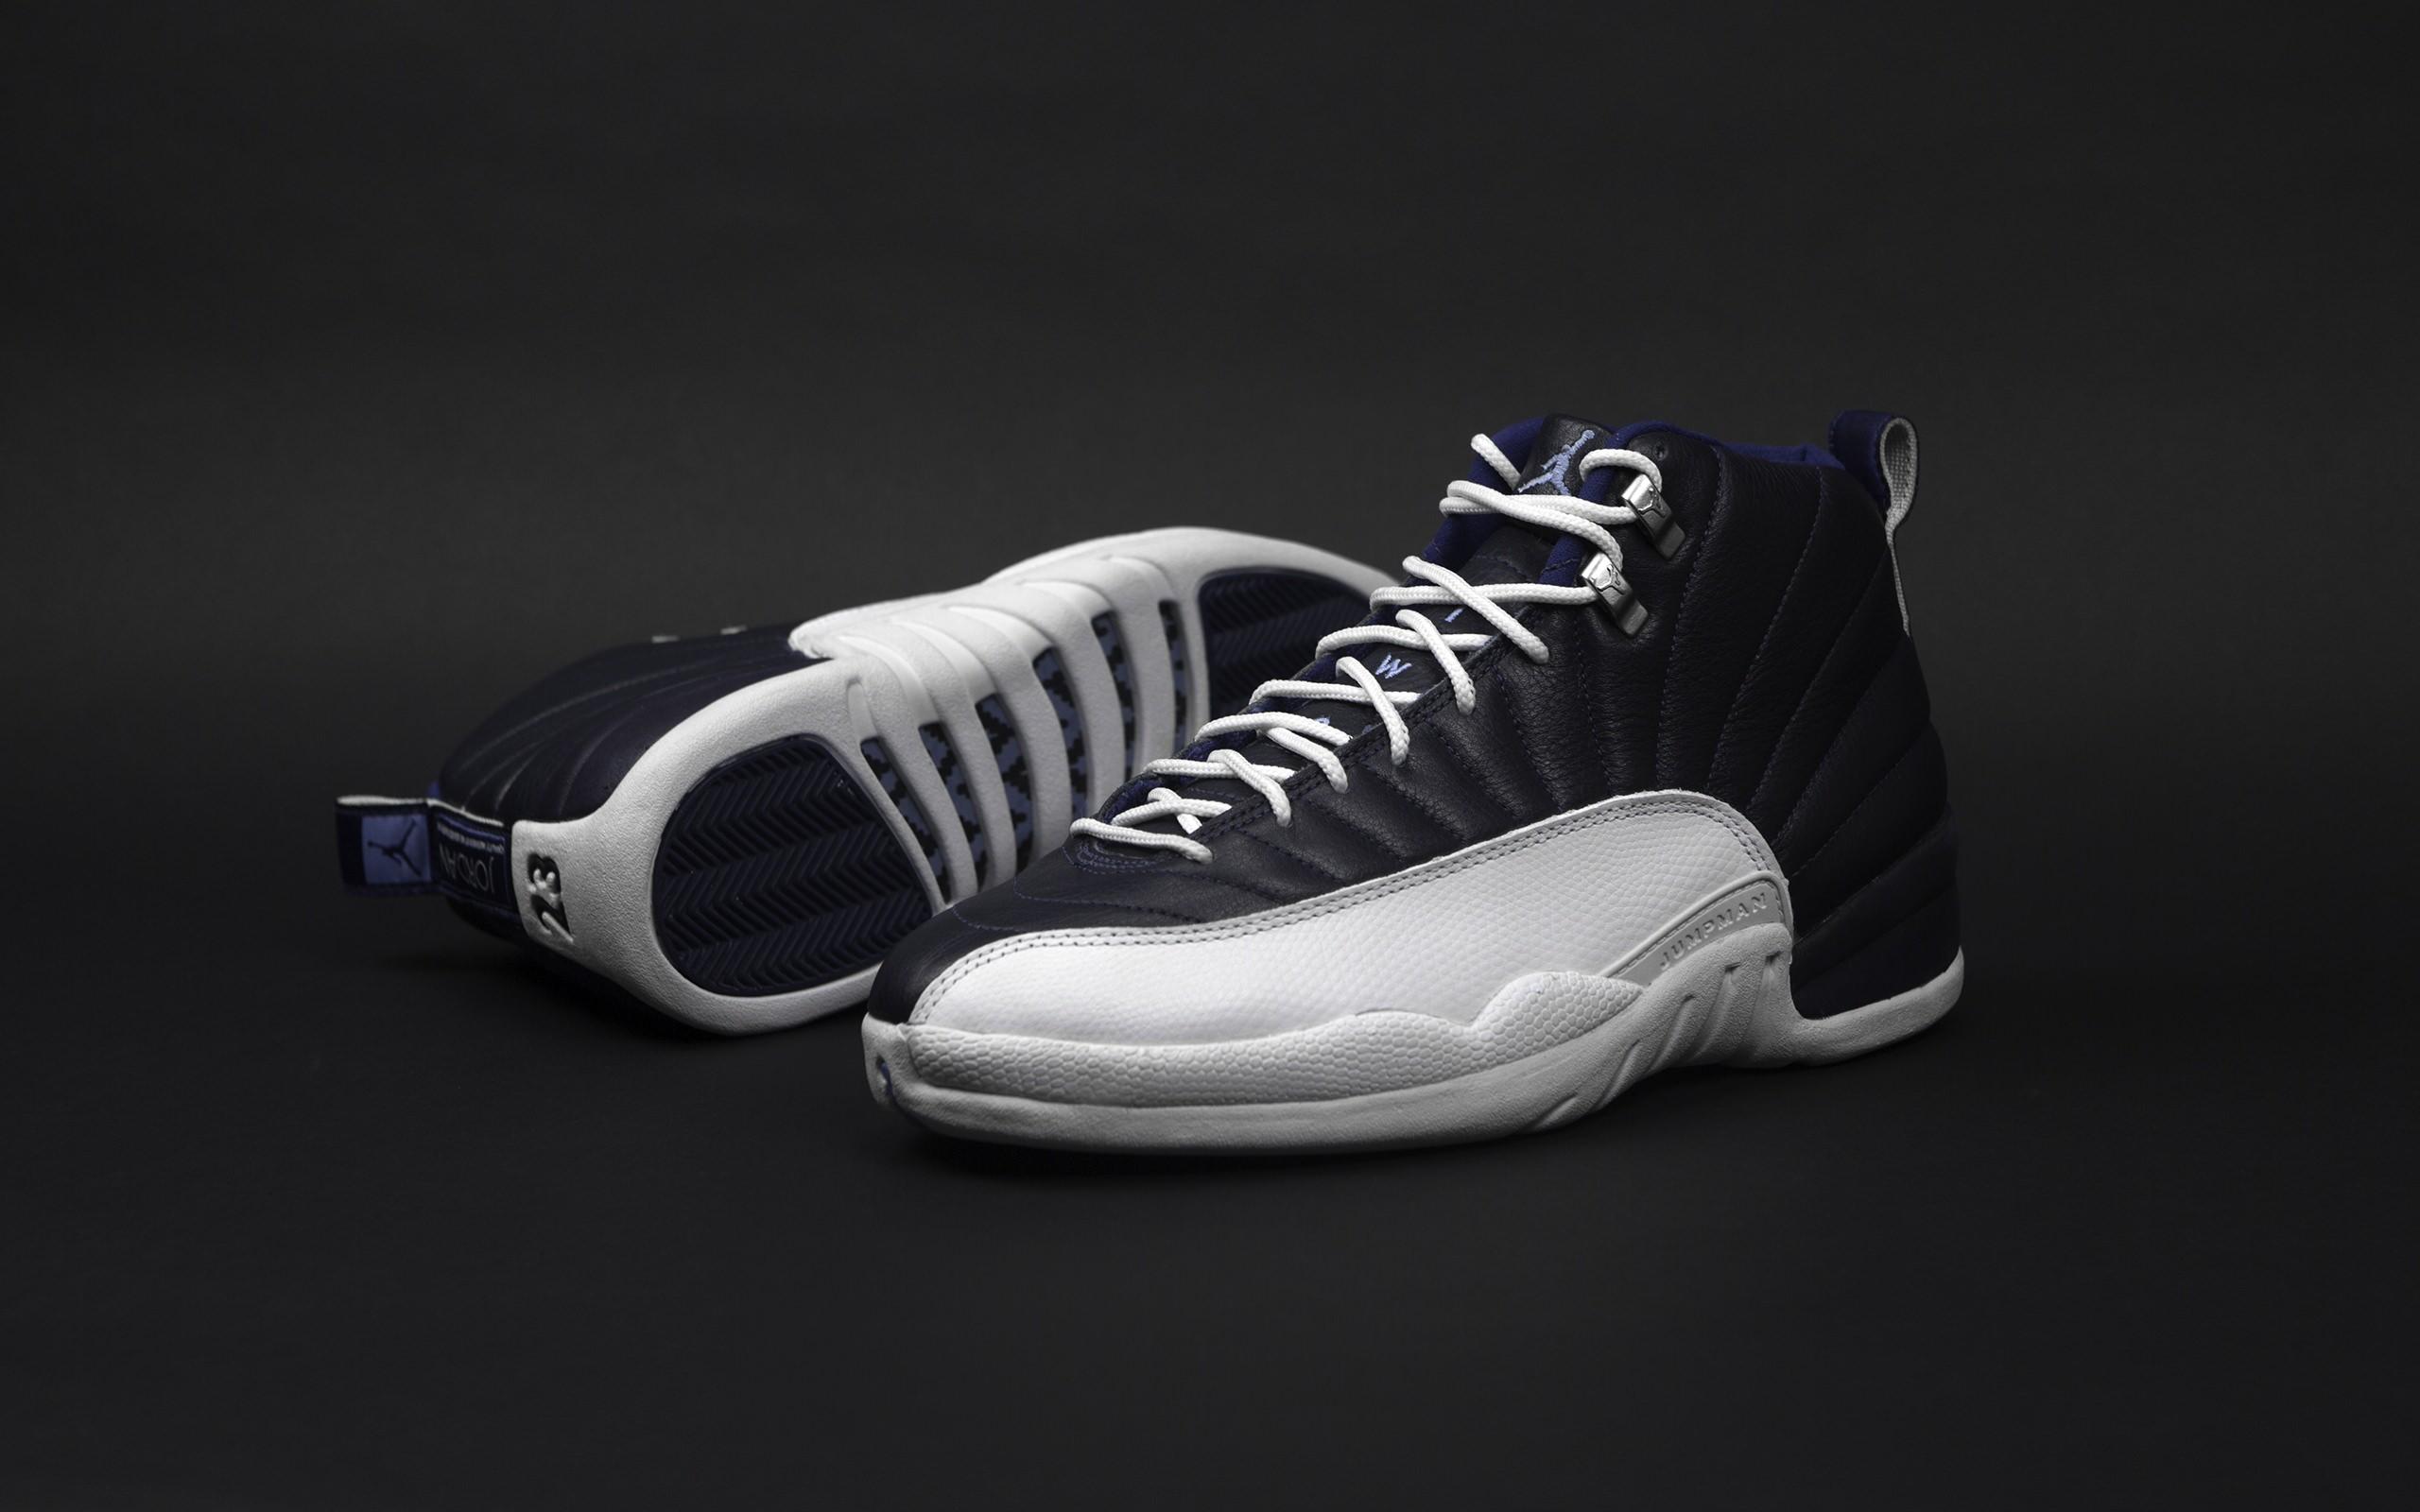 jordan shoes wallpapers 30678